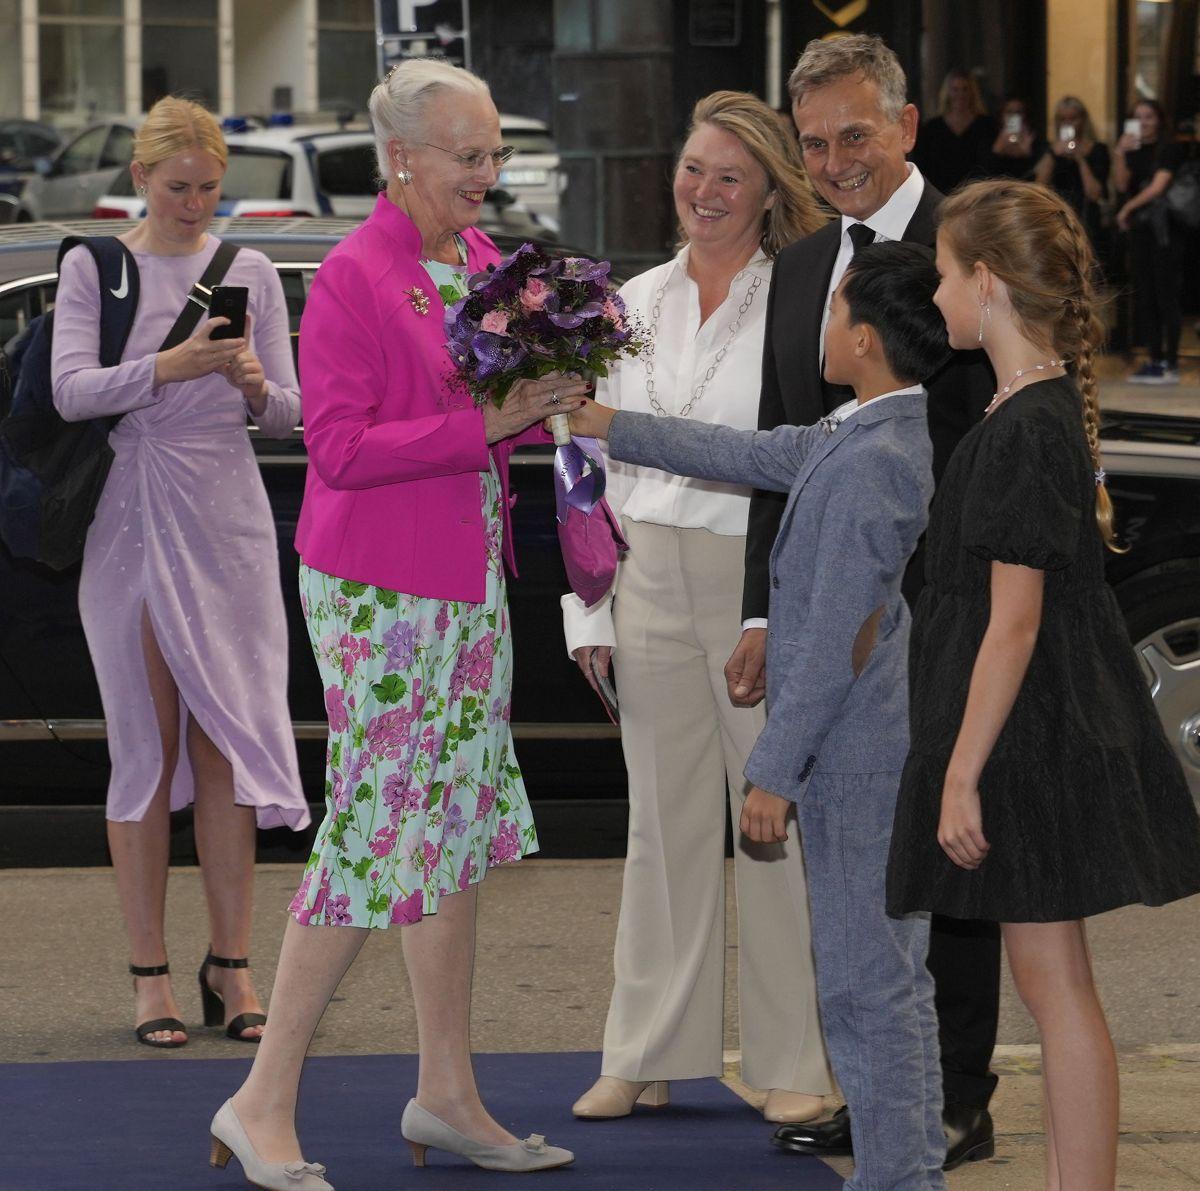 Dronning Margrethe deltager i gallapremiere på filmen Margrete den første i Imperial Bio i København, onsdag den 8. september 2021.